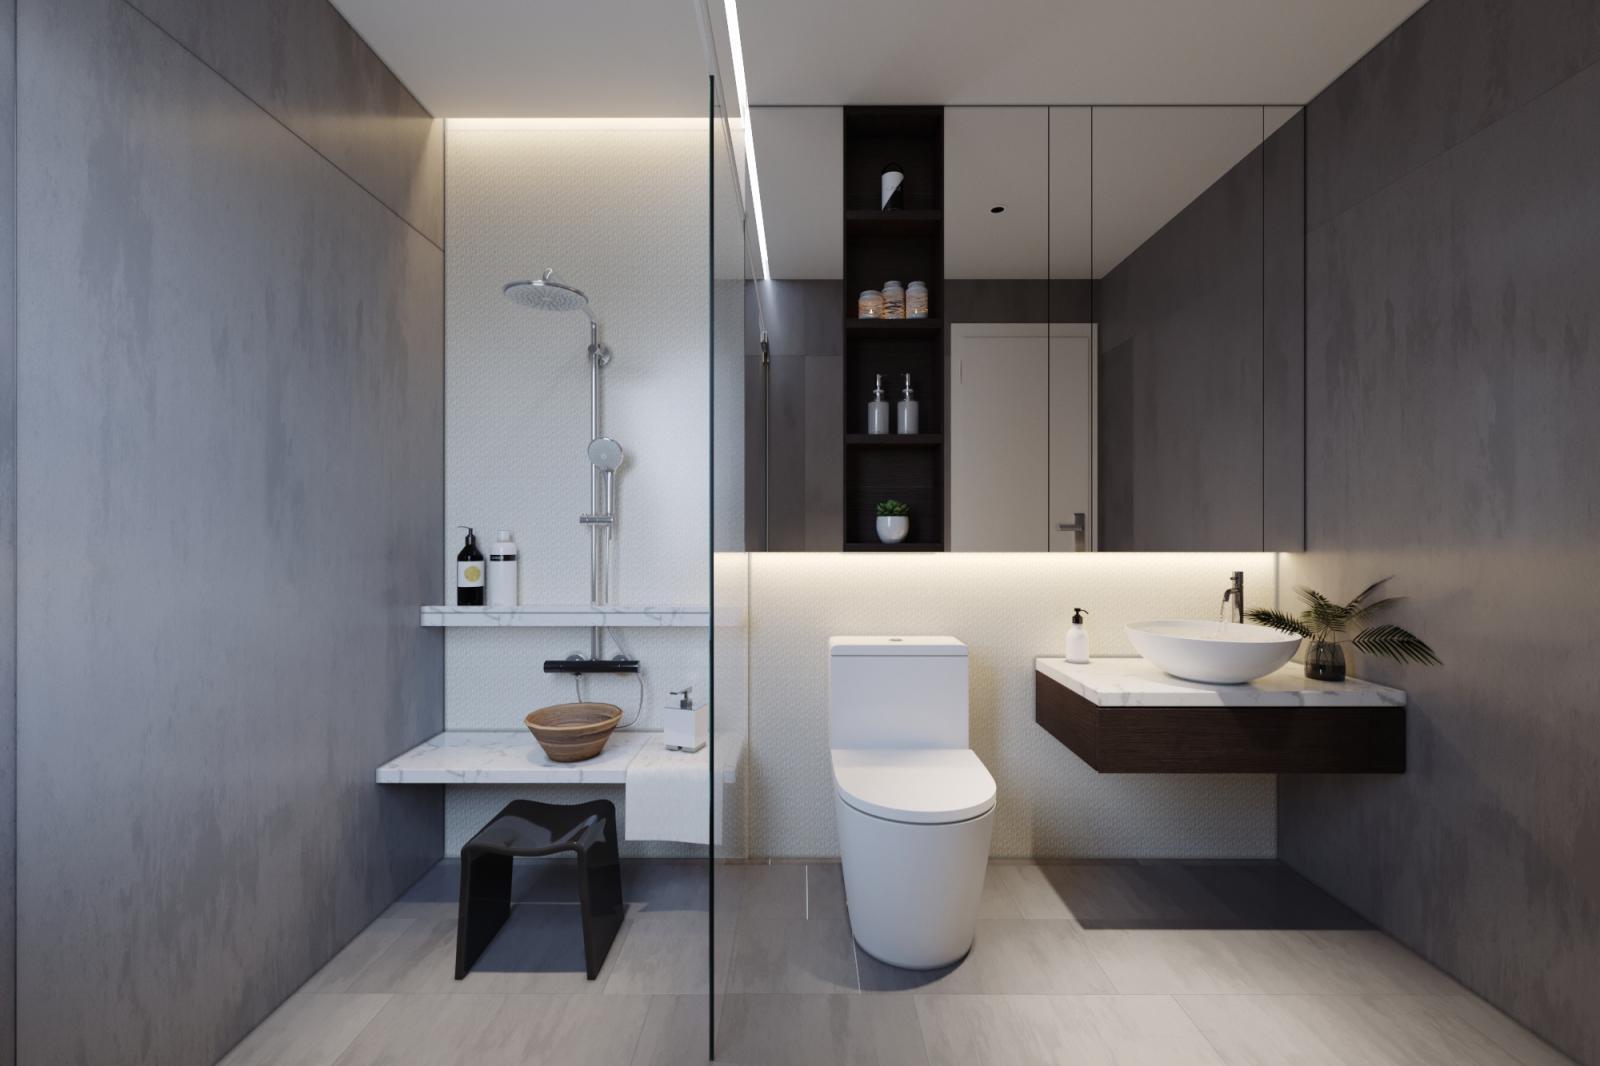 Trong nhà ống 2 tầng hiện đại, phòng tắm - vệ sinh được phân tách bởi vách kính trong suốt, đảm bảo sự riêng tư và khô thoáng cho không gian chức năng này.